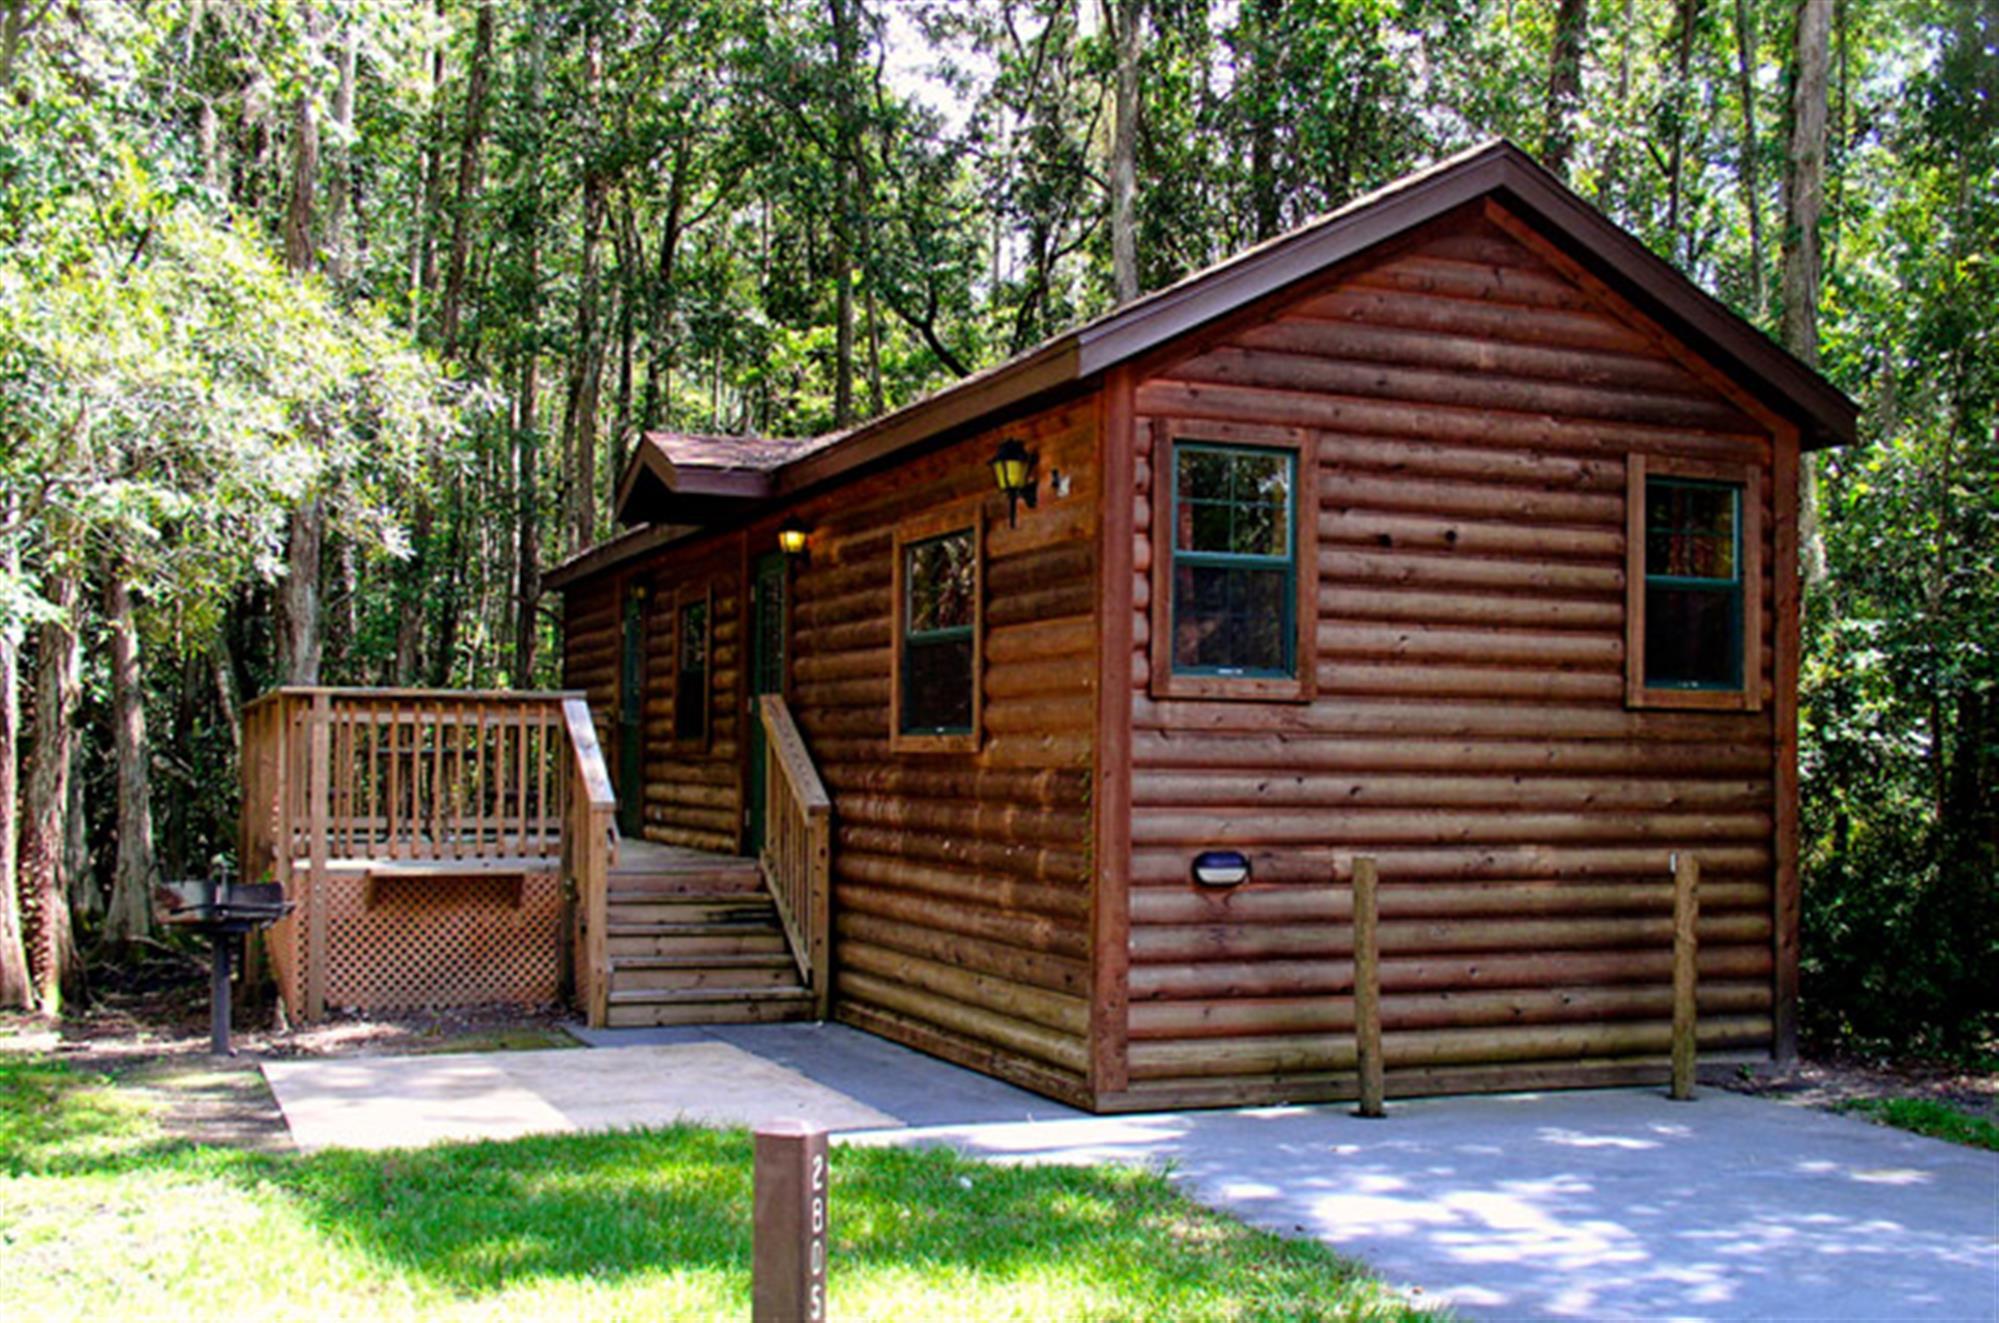 ft wilderness cabins walt disney world